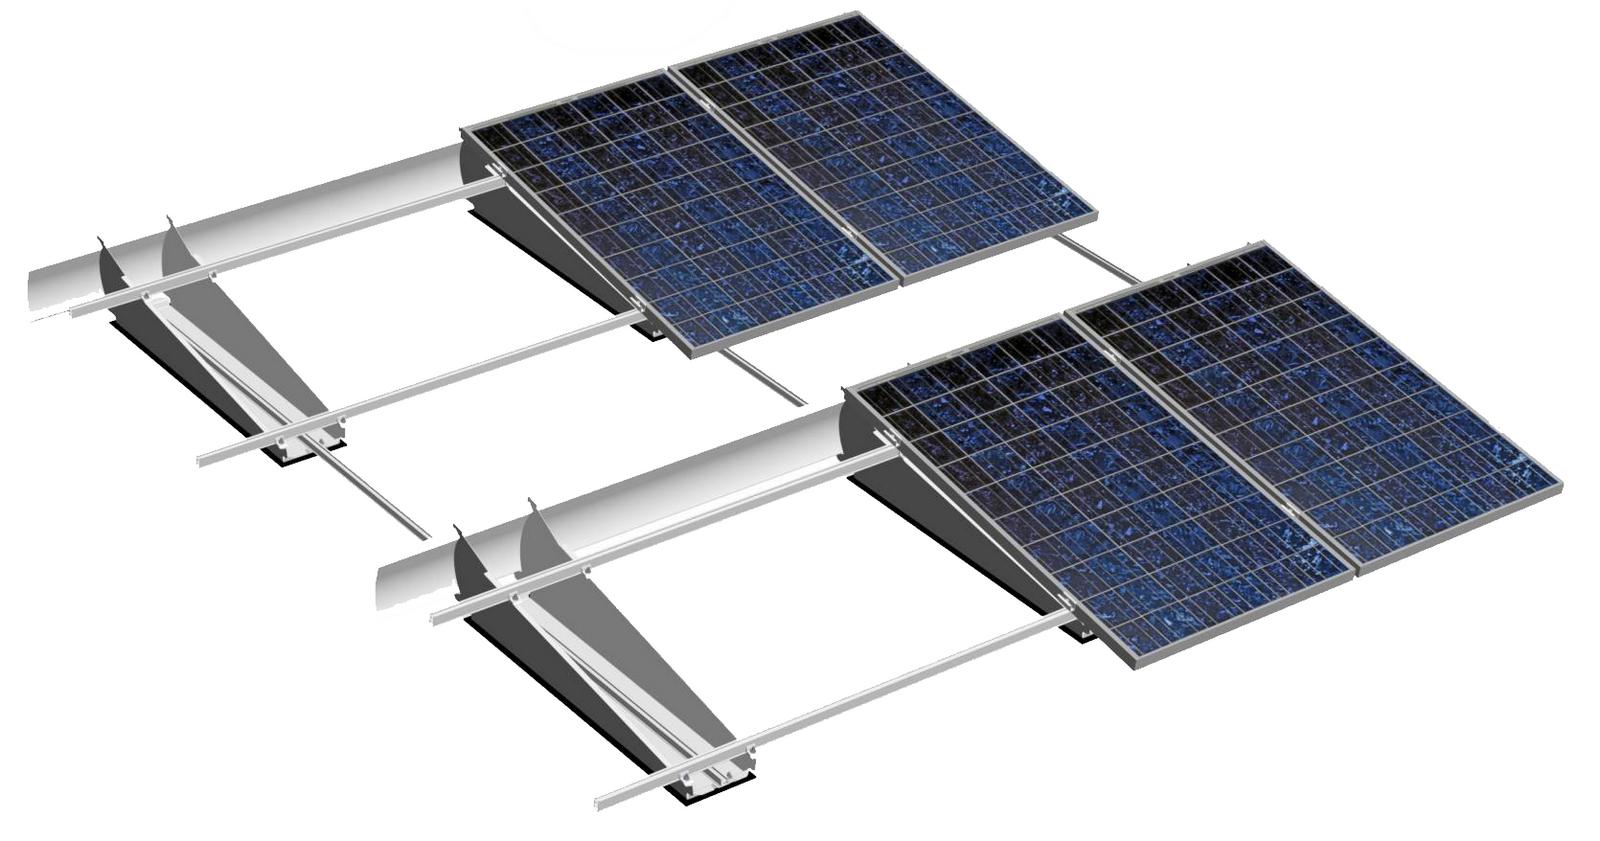 Mogelijkheden voor het opstellen en bevestigen van zonnepanelen